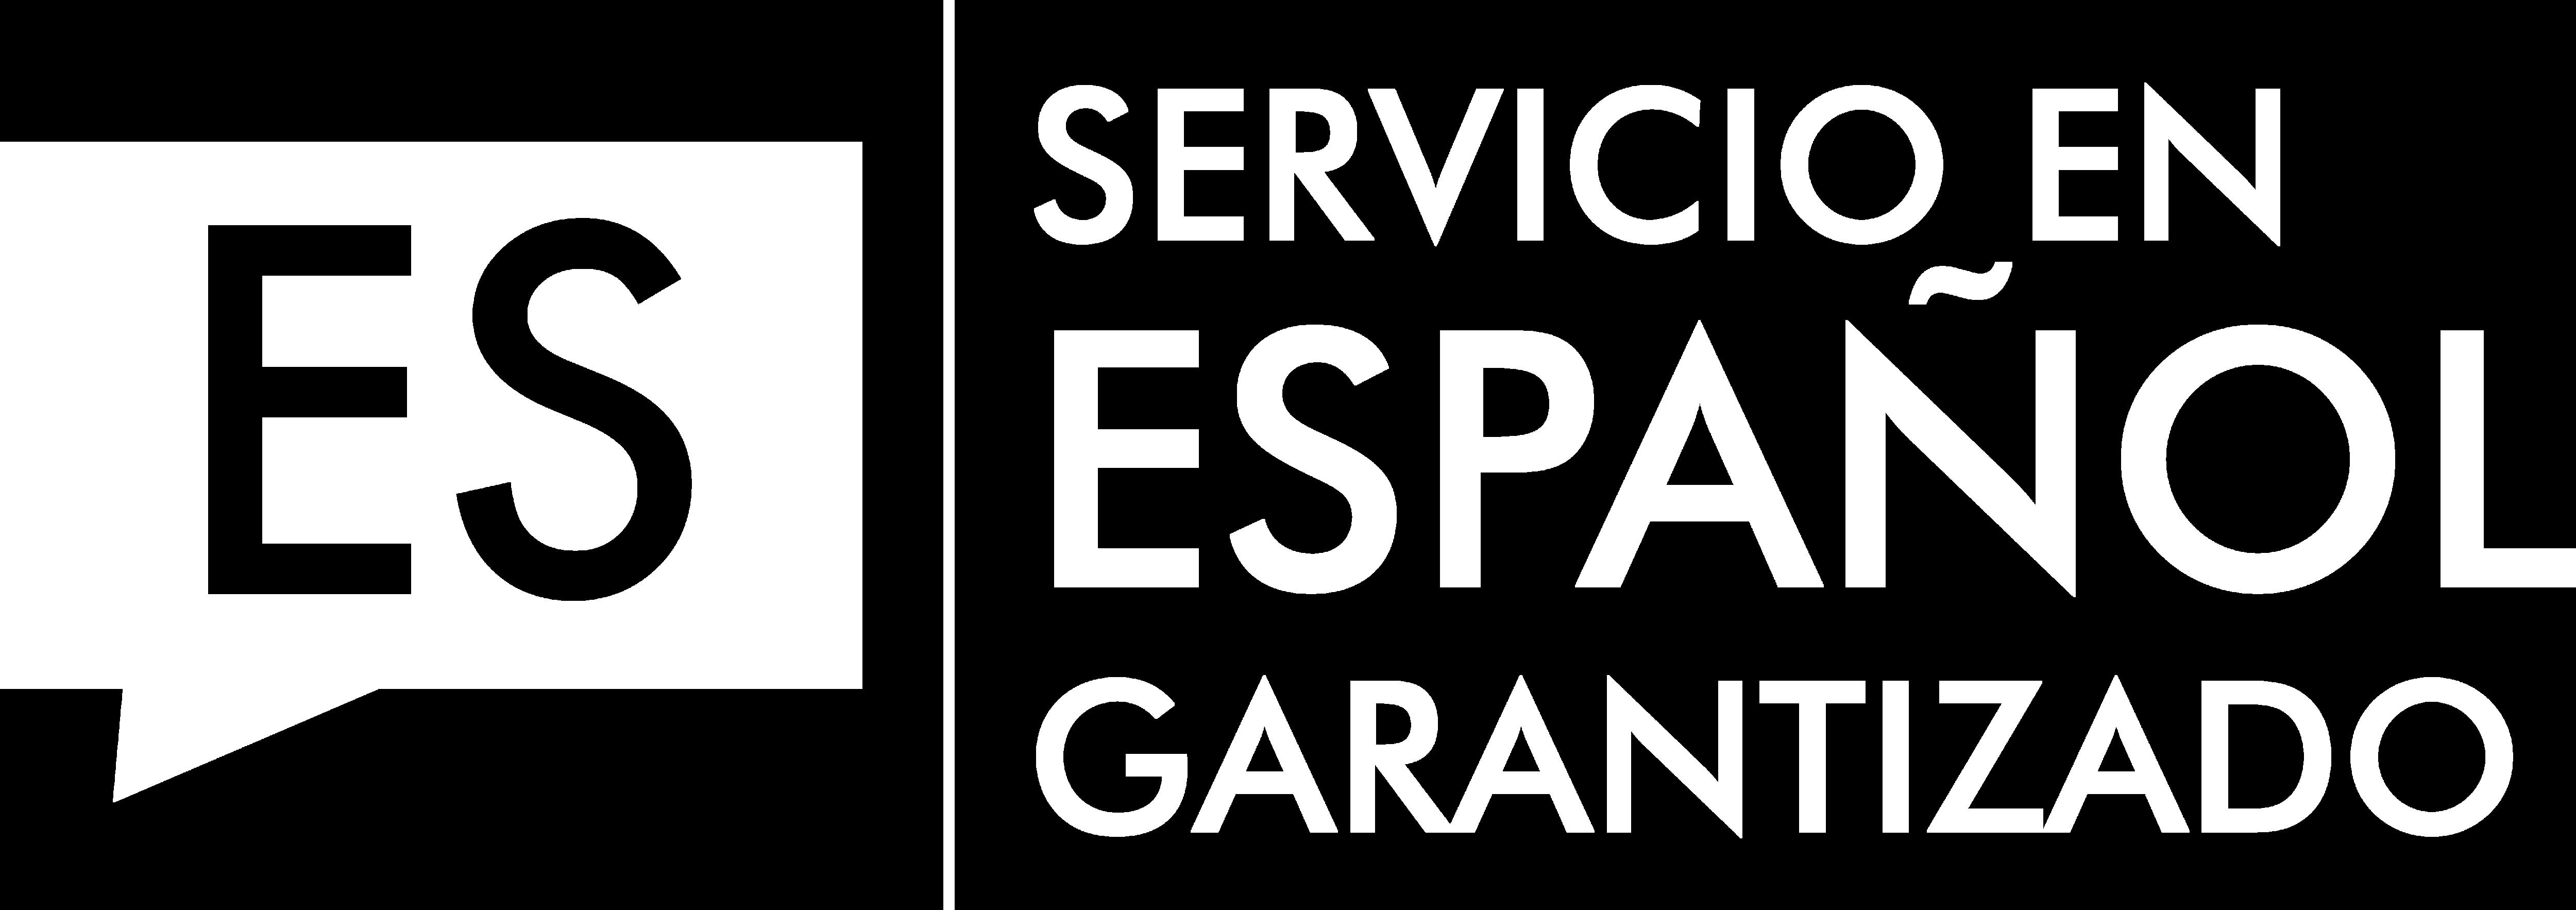 Logotipo de idioma del servicio